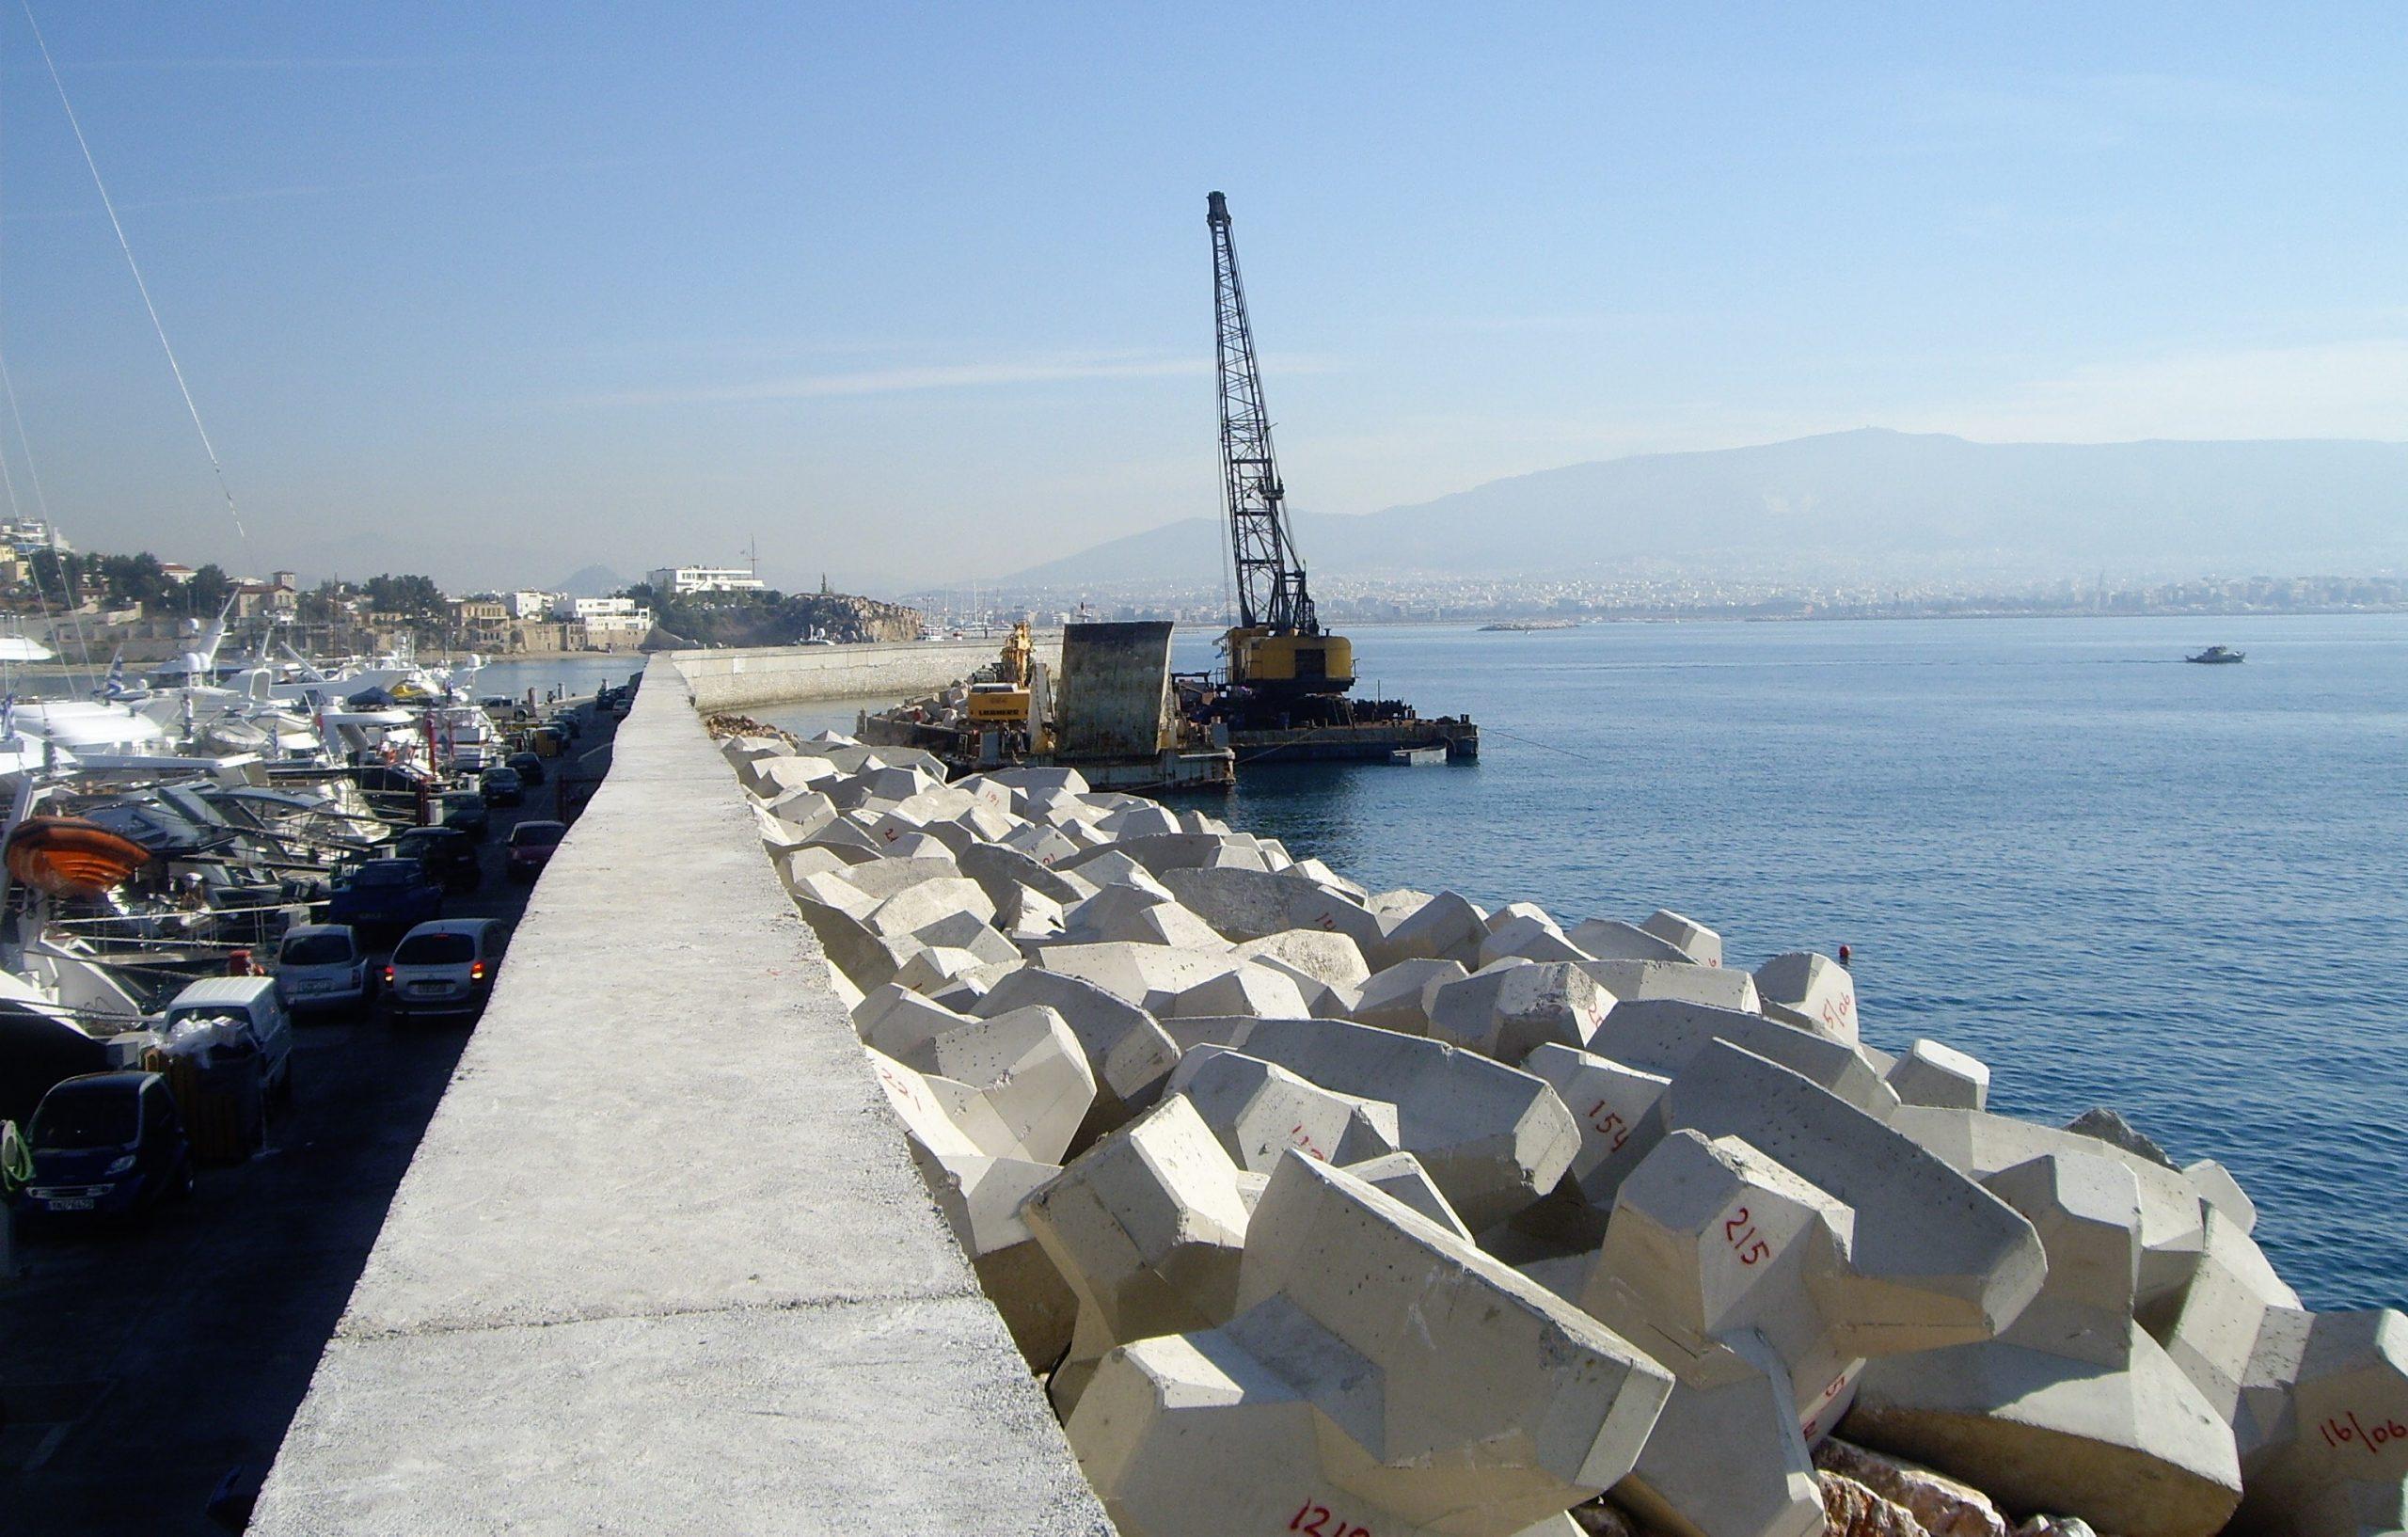 Αρχίζει τον Νοέμβριο οι κατασκευή εννέα κυματοθραυστών στα Περβόλια – Υπεγράφησαν τα συμβόλαια